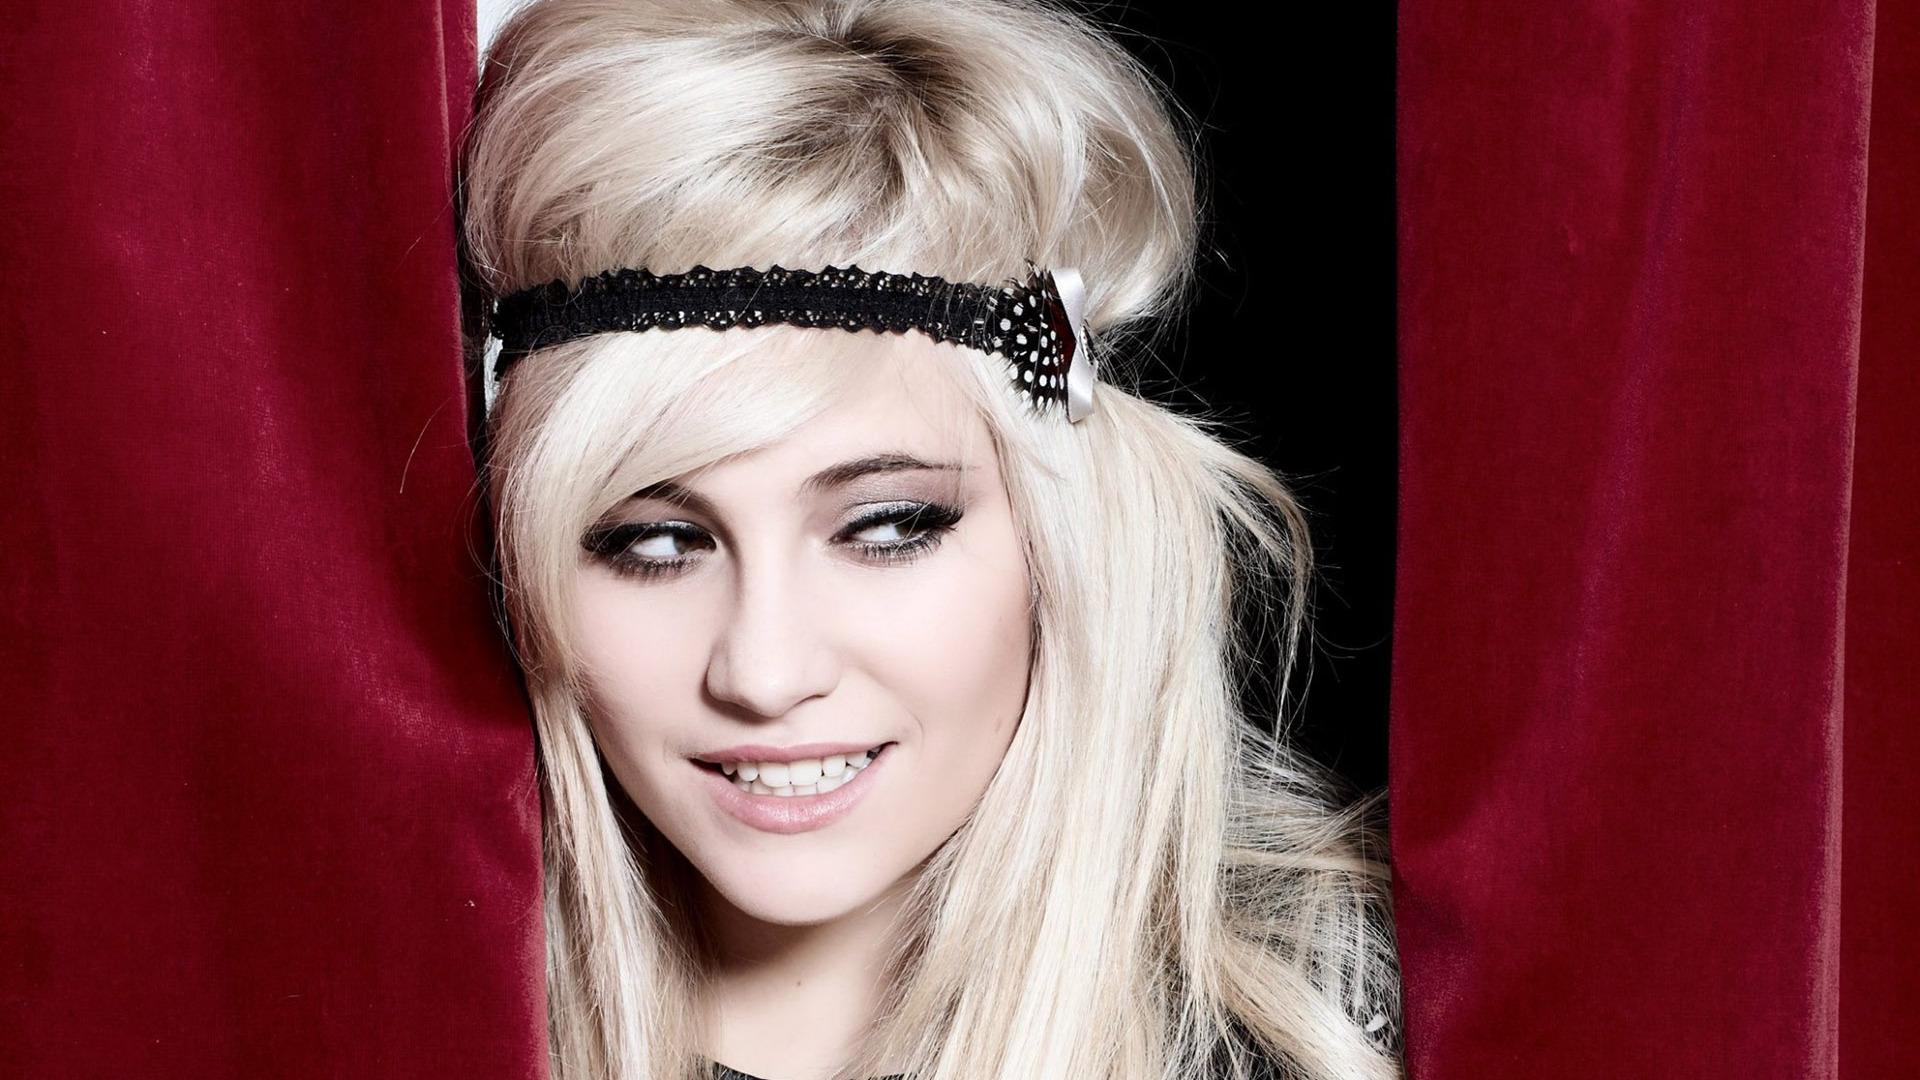 pixie lott headband wallpaper 53887